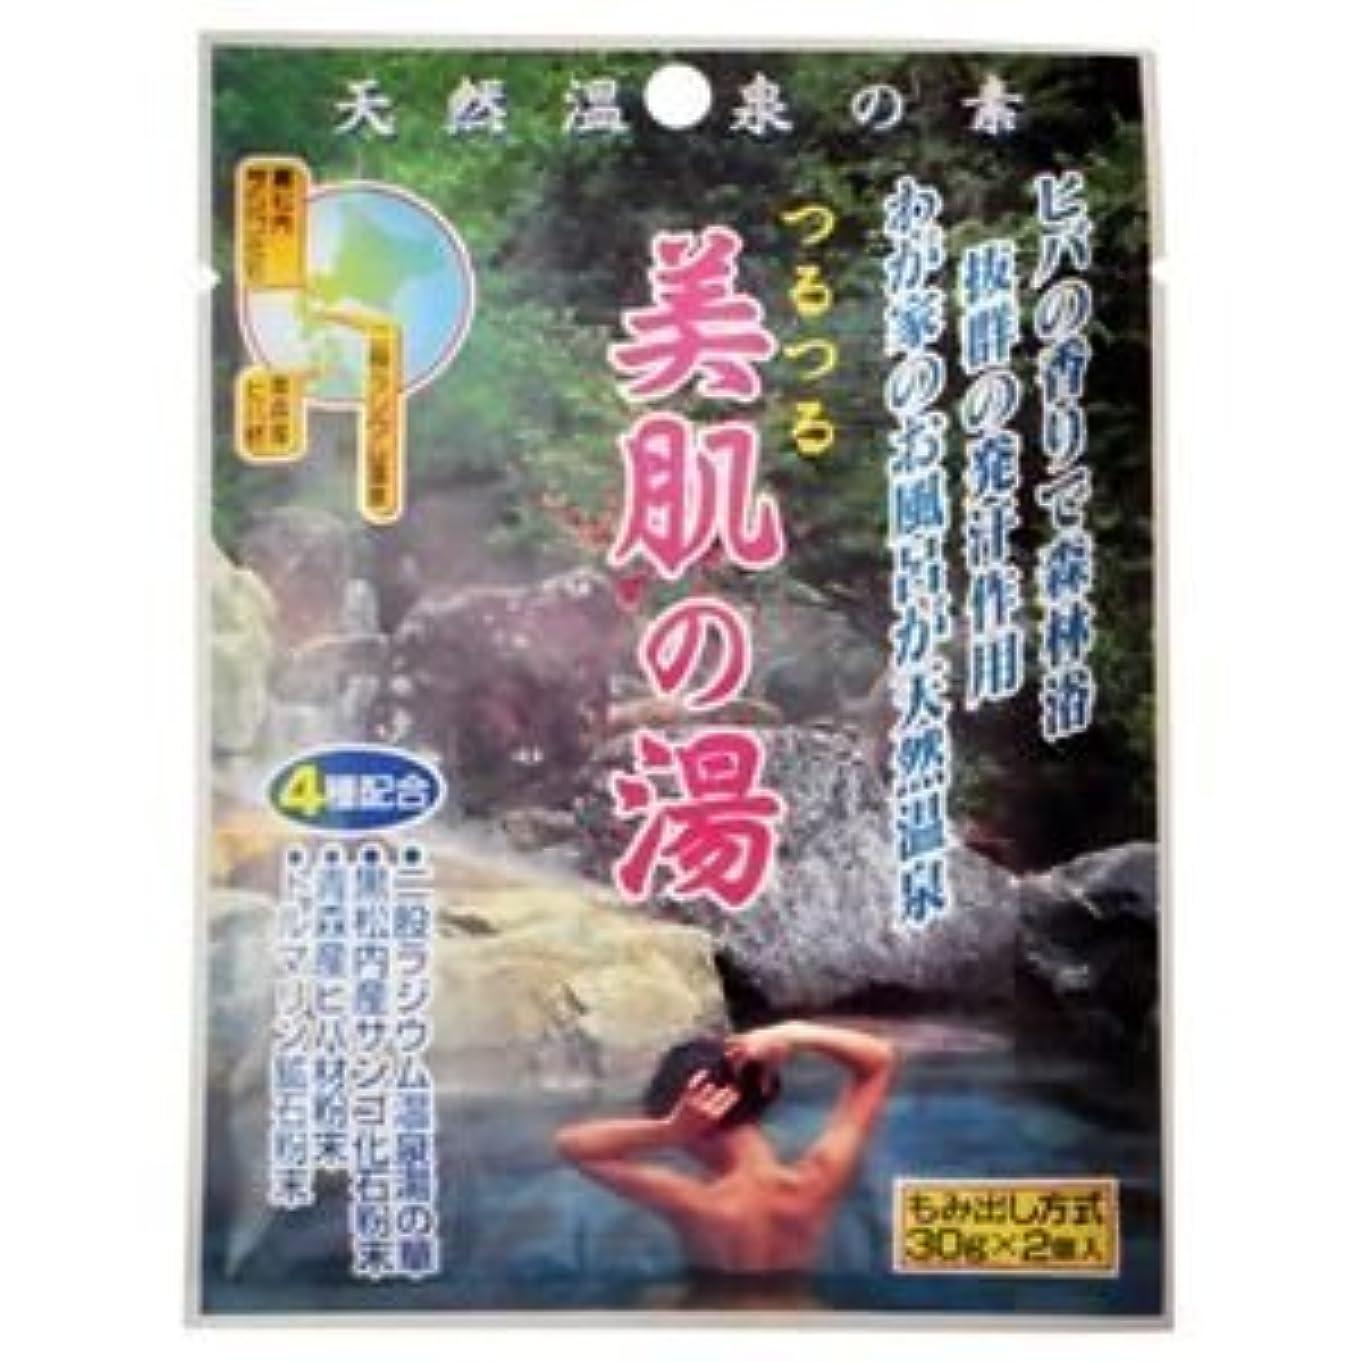 虫を数えるスキャンダル効率天然温泉の素 つるつる美肌の湯 30g×2個入(入浴剤) (10個セット)